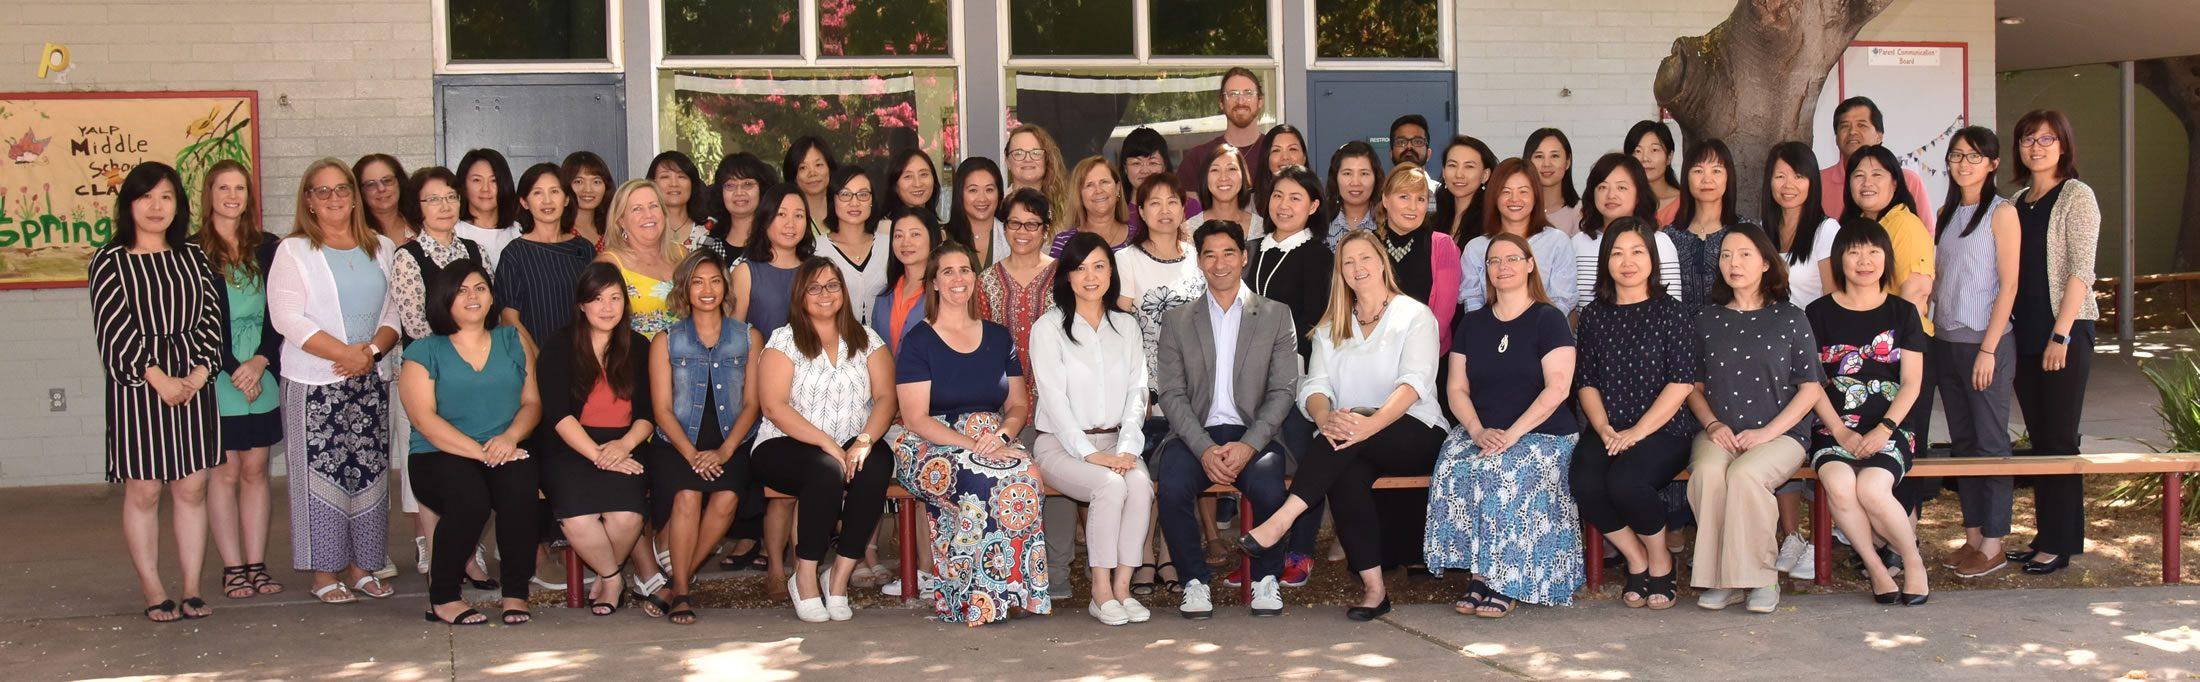 YCIS Faculty 2019